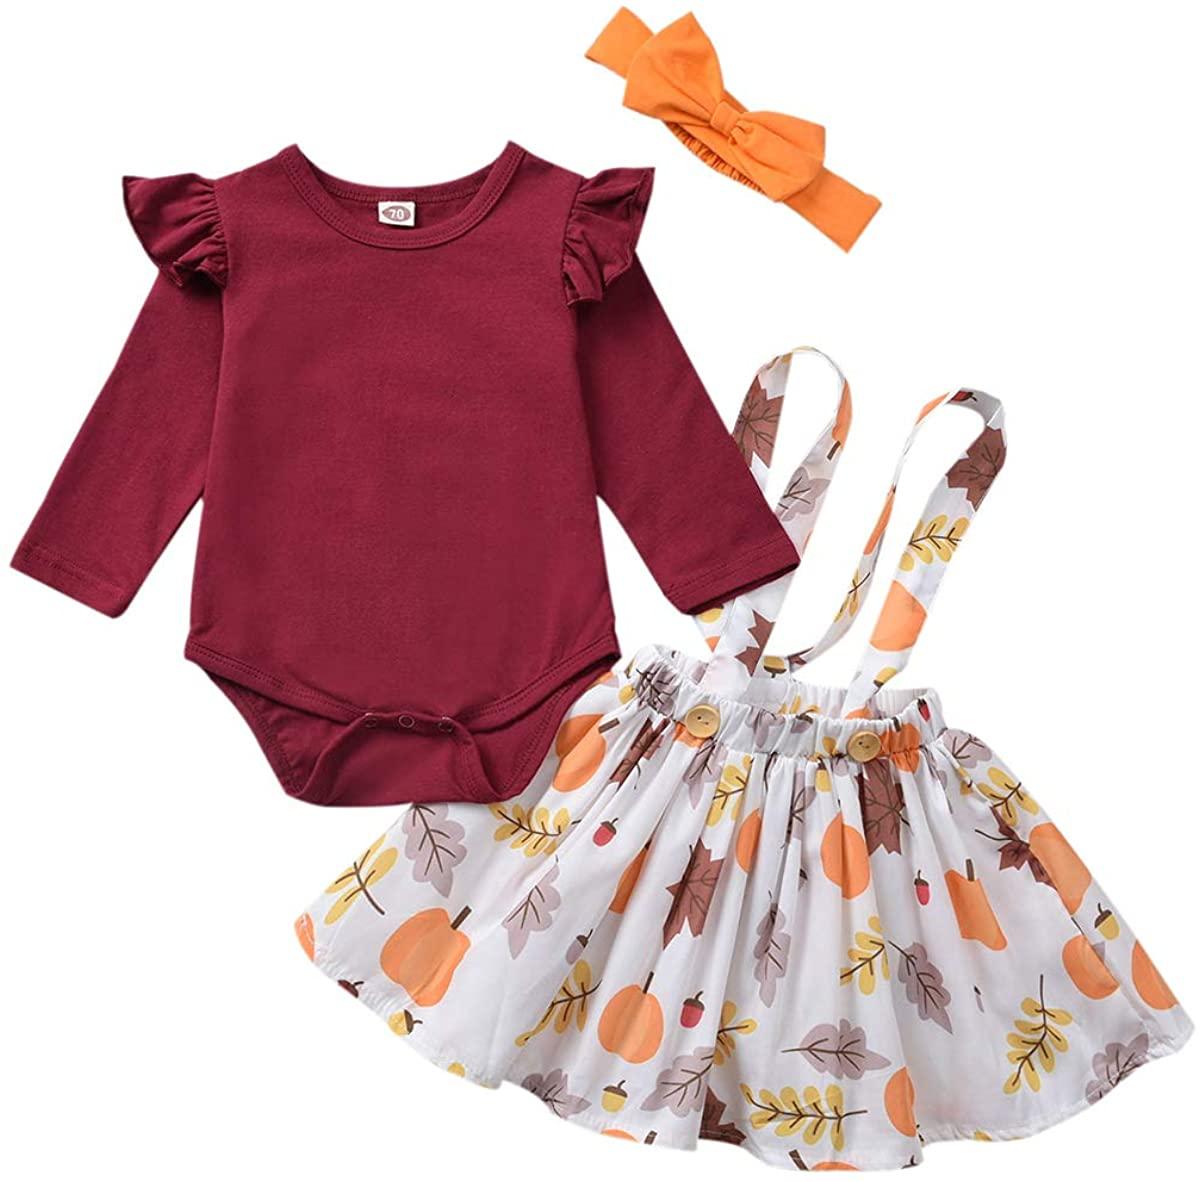 Toddler Baby Girls Halloween/Thanksgiving Clothes Long Sleeve Romper + Pumpkin Print Strap Dress + Headband Skirt Set